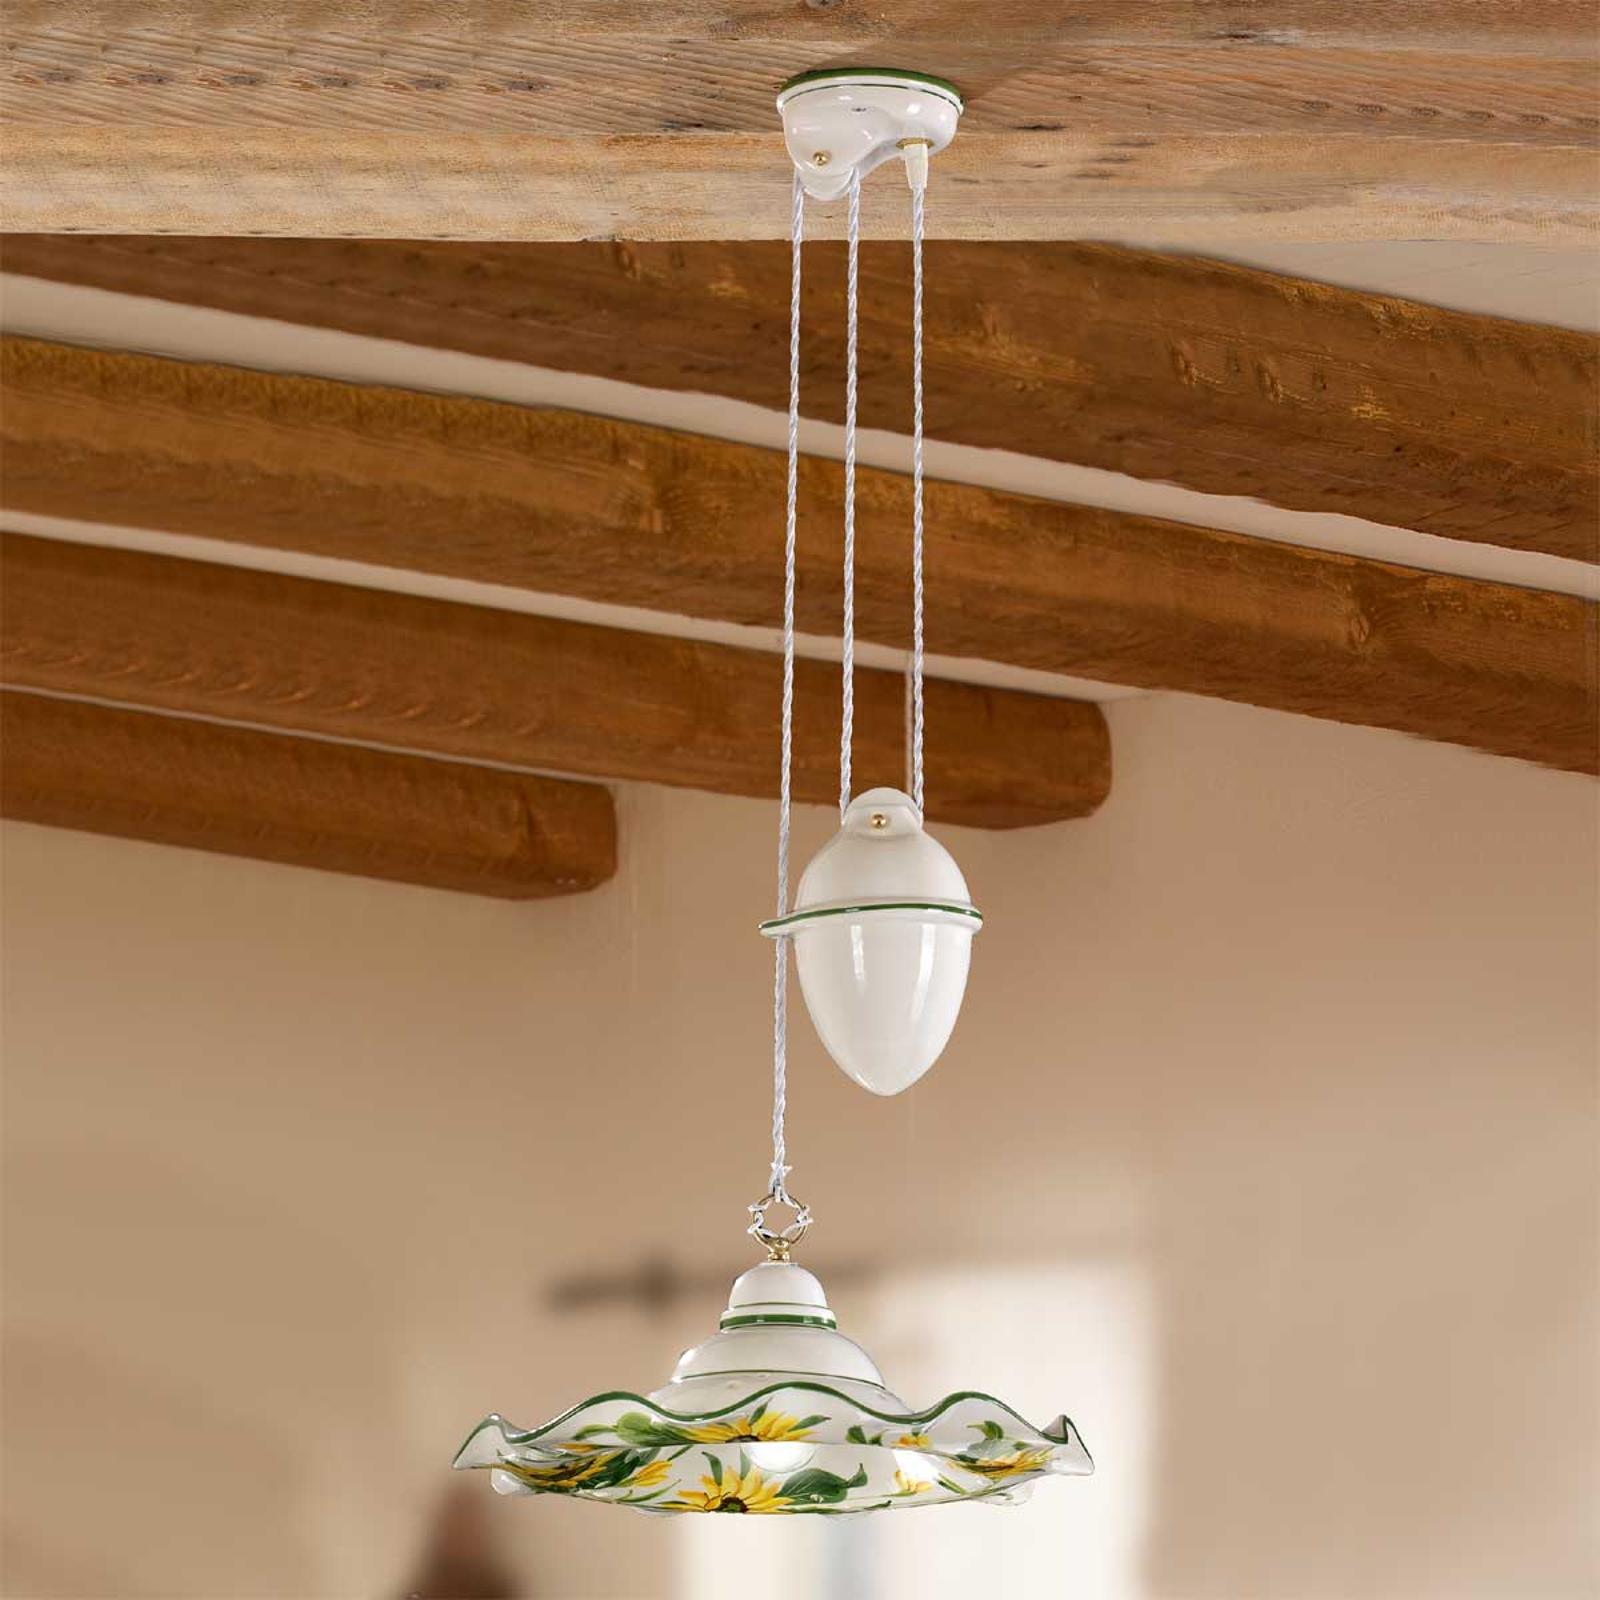 Lámpara colgante pendular GIRASOLA altura variable